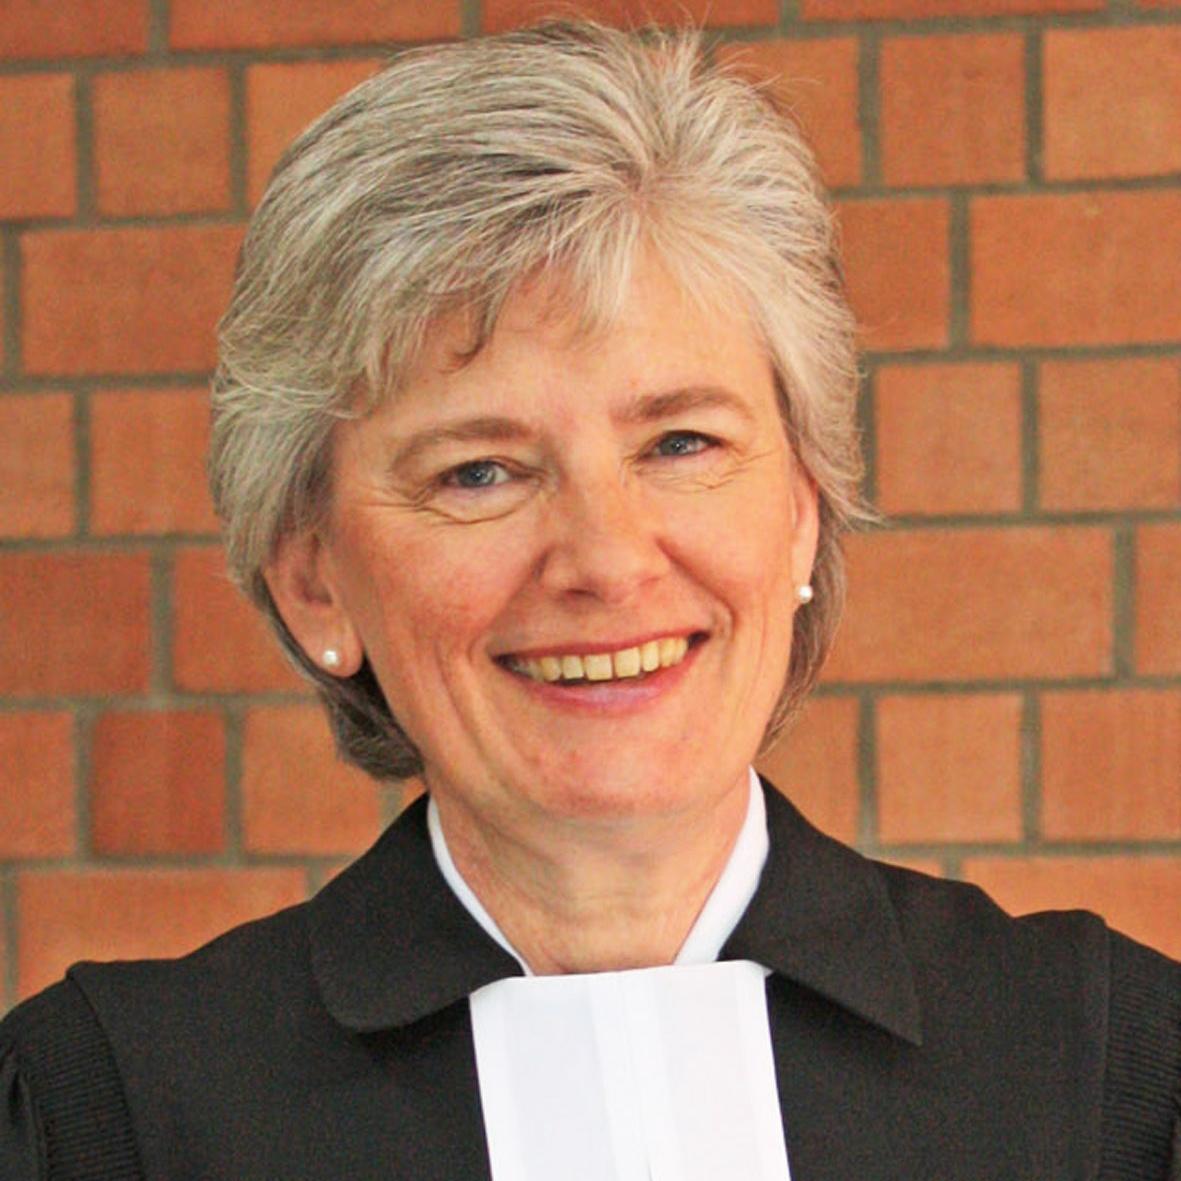 Gottesdienst zum Reformationsjubiläum mit Superintendentin i.R. Anke Schröder Allein durch den Glauben